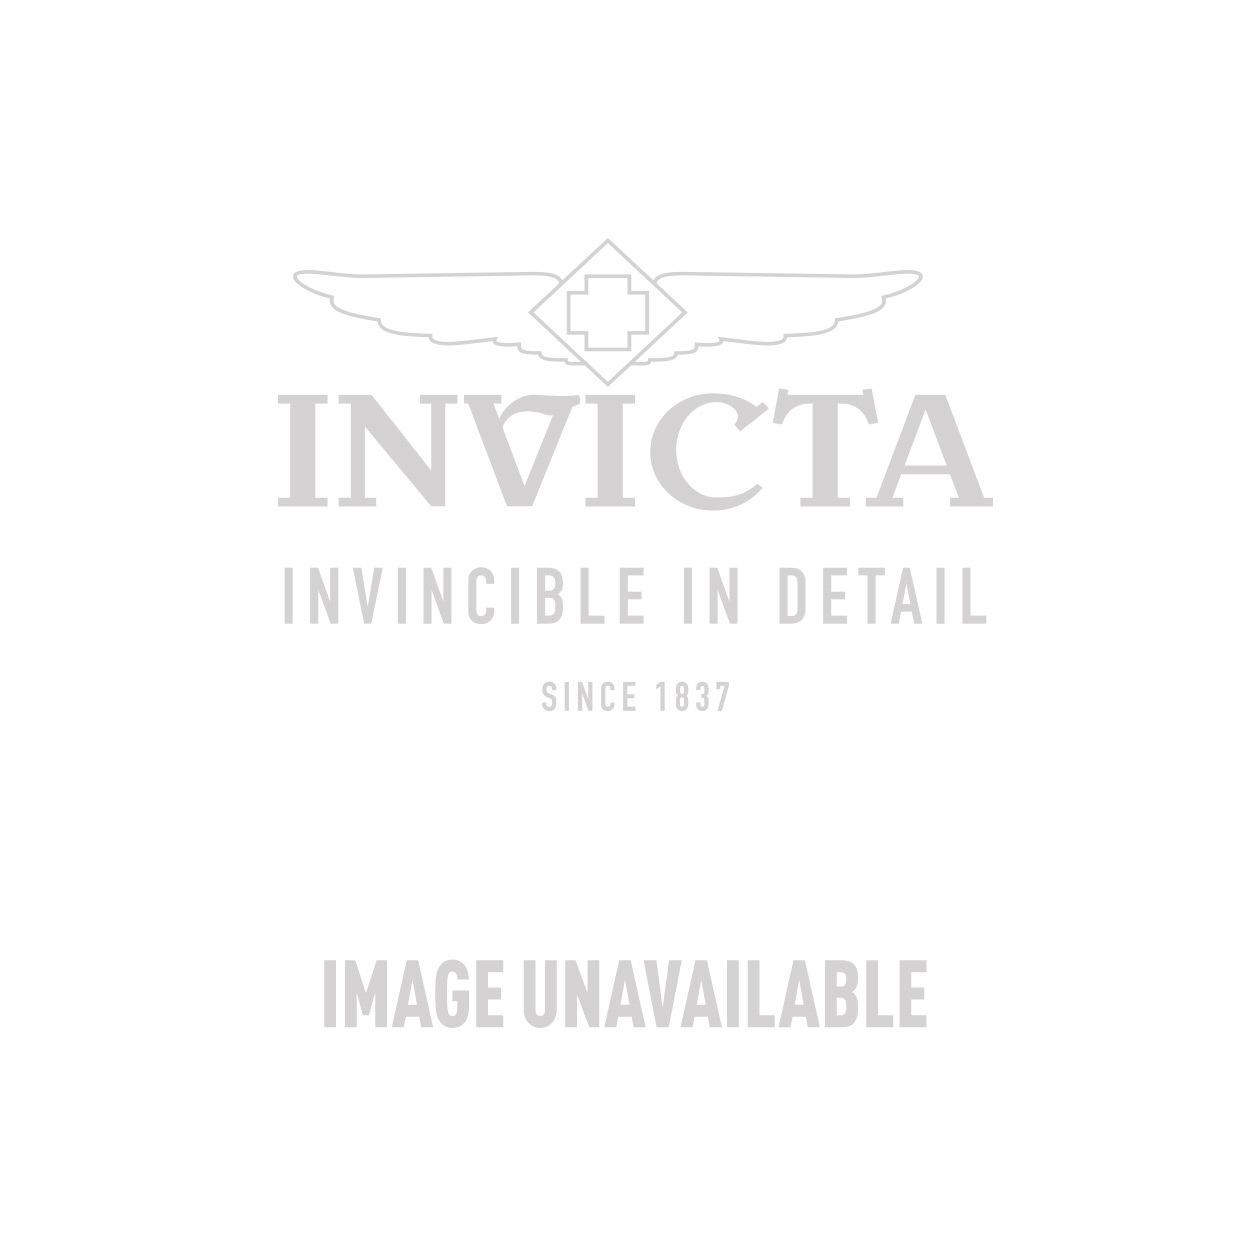 Invicta Model 29292